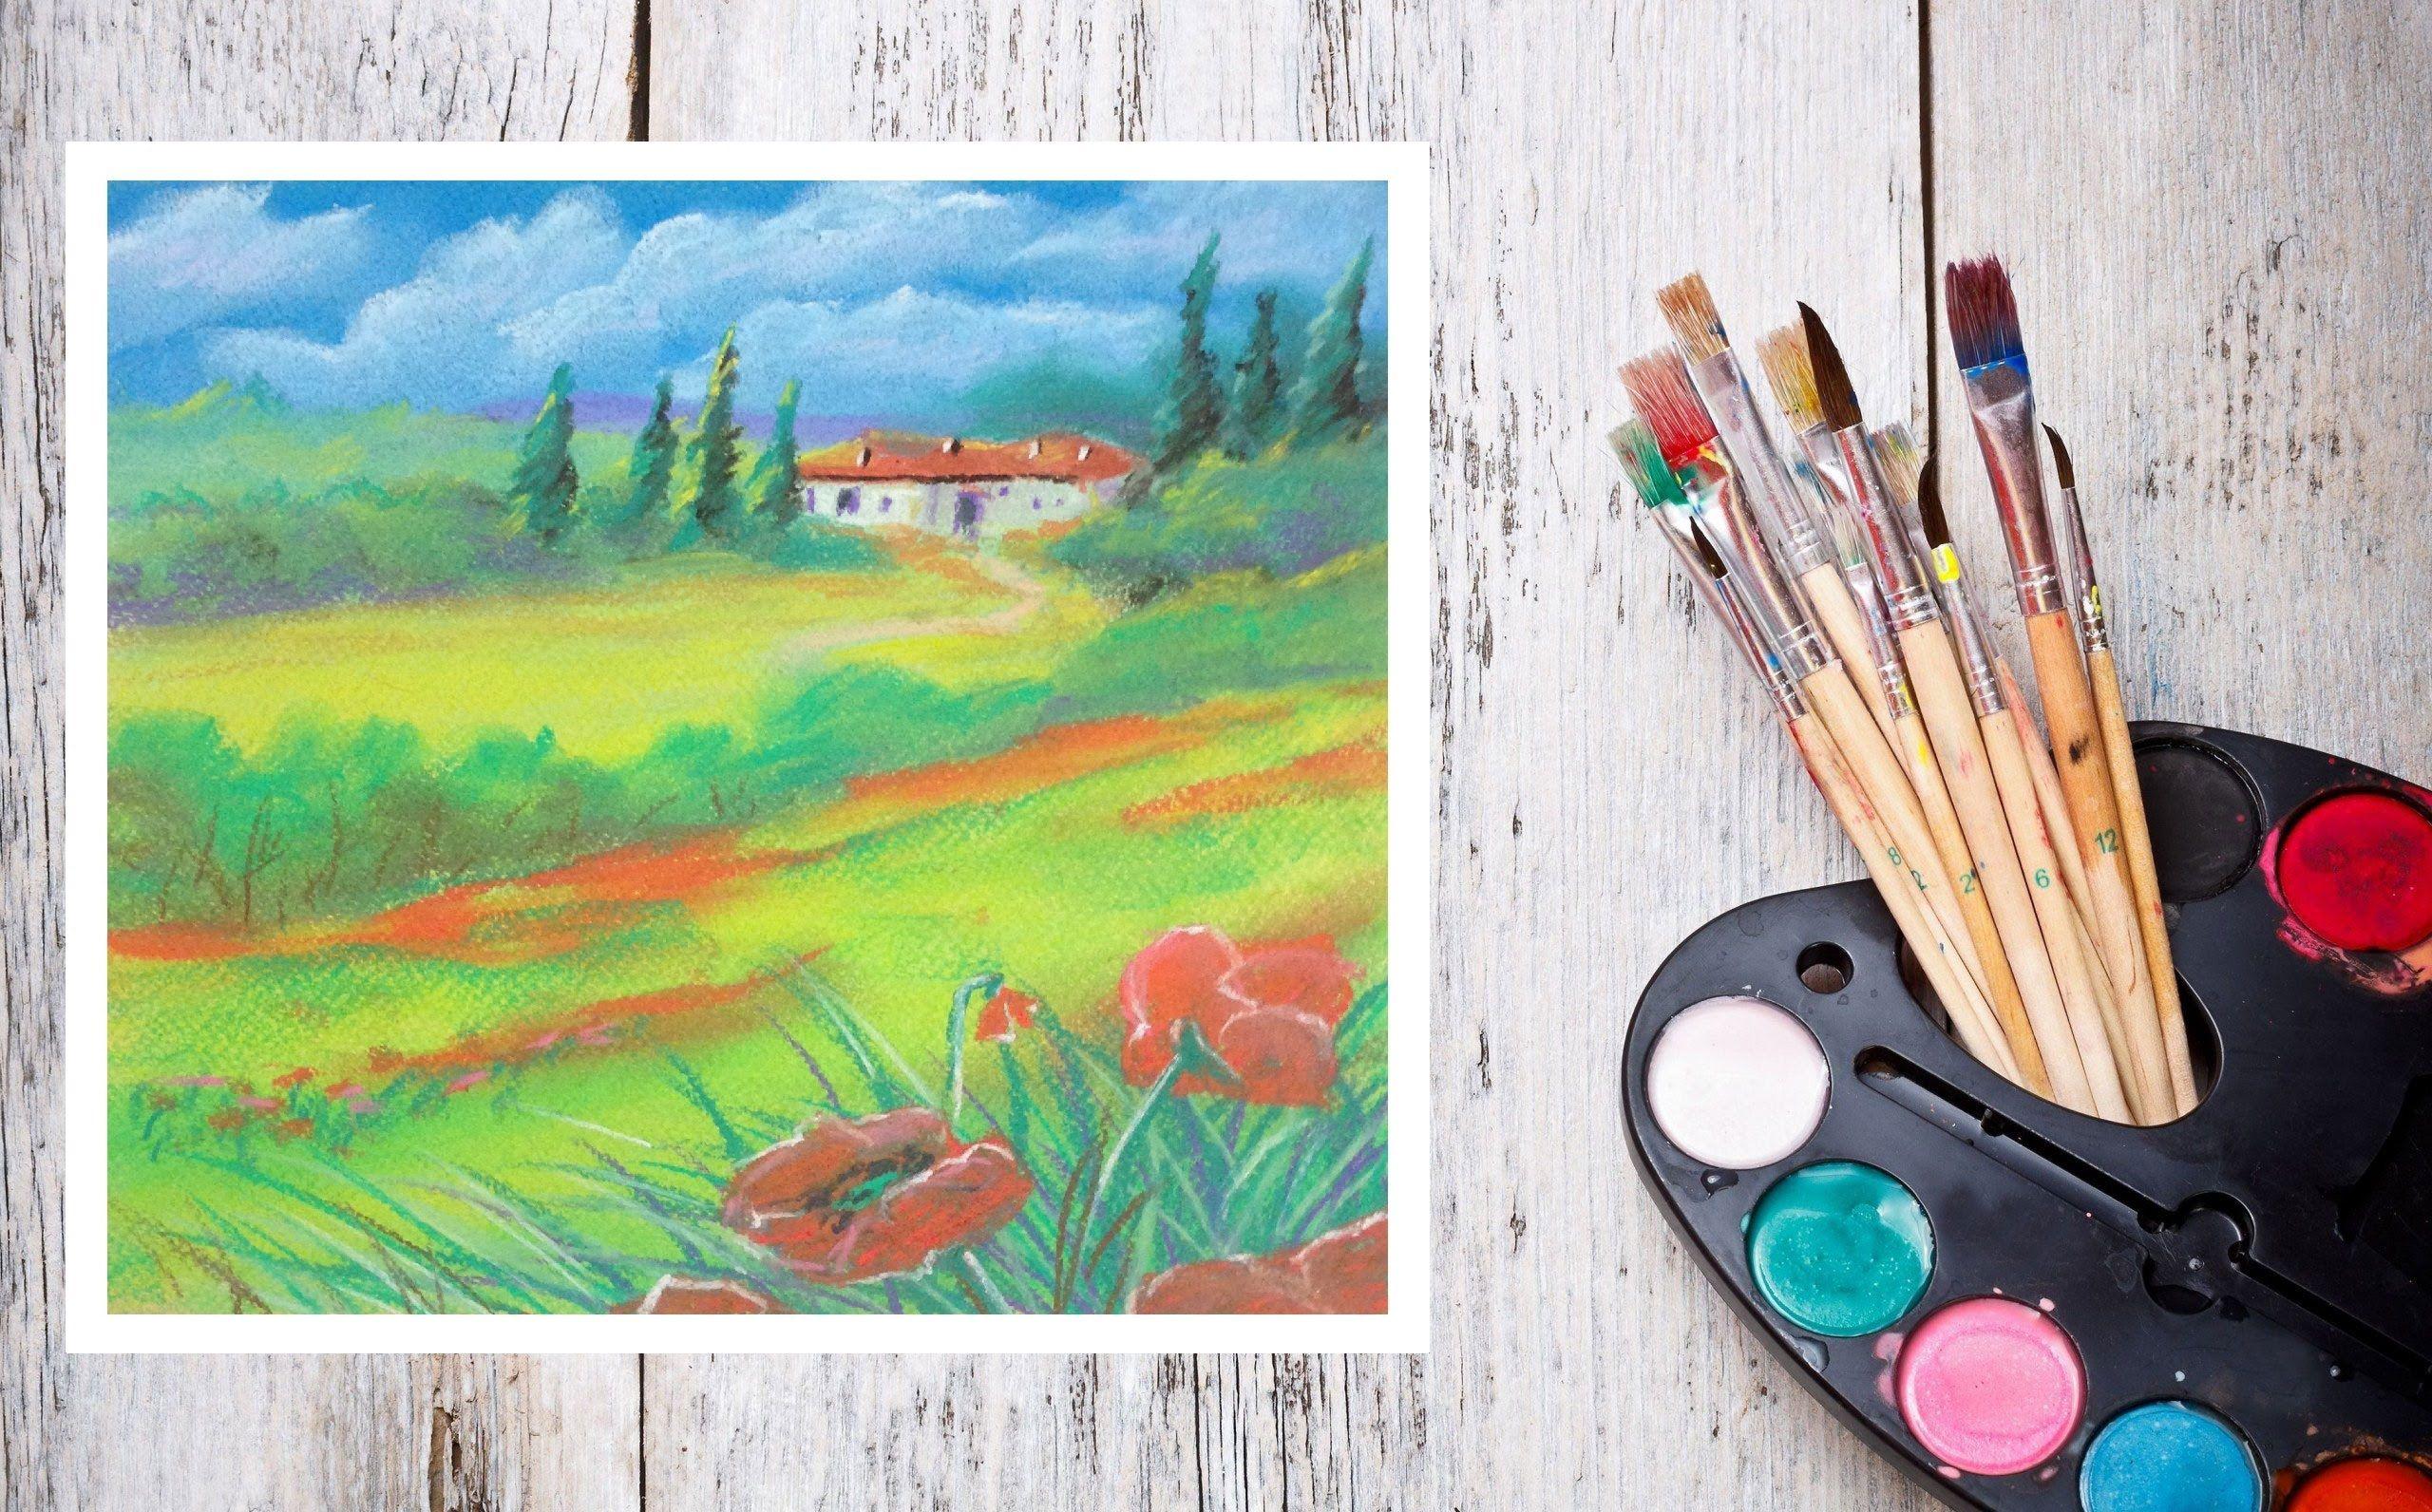 Поздравления просто, нарисовать картинку красками за 5 минут